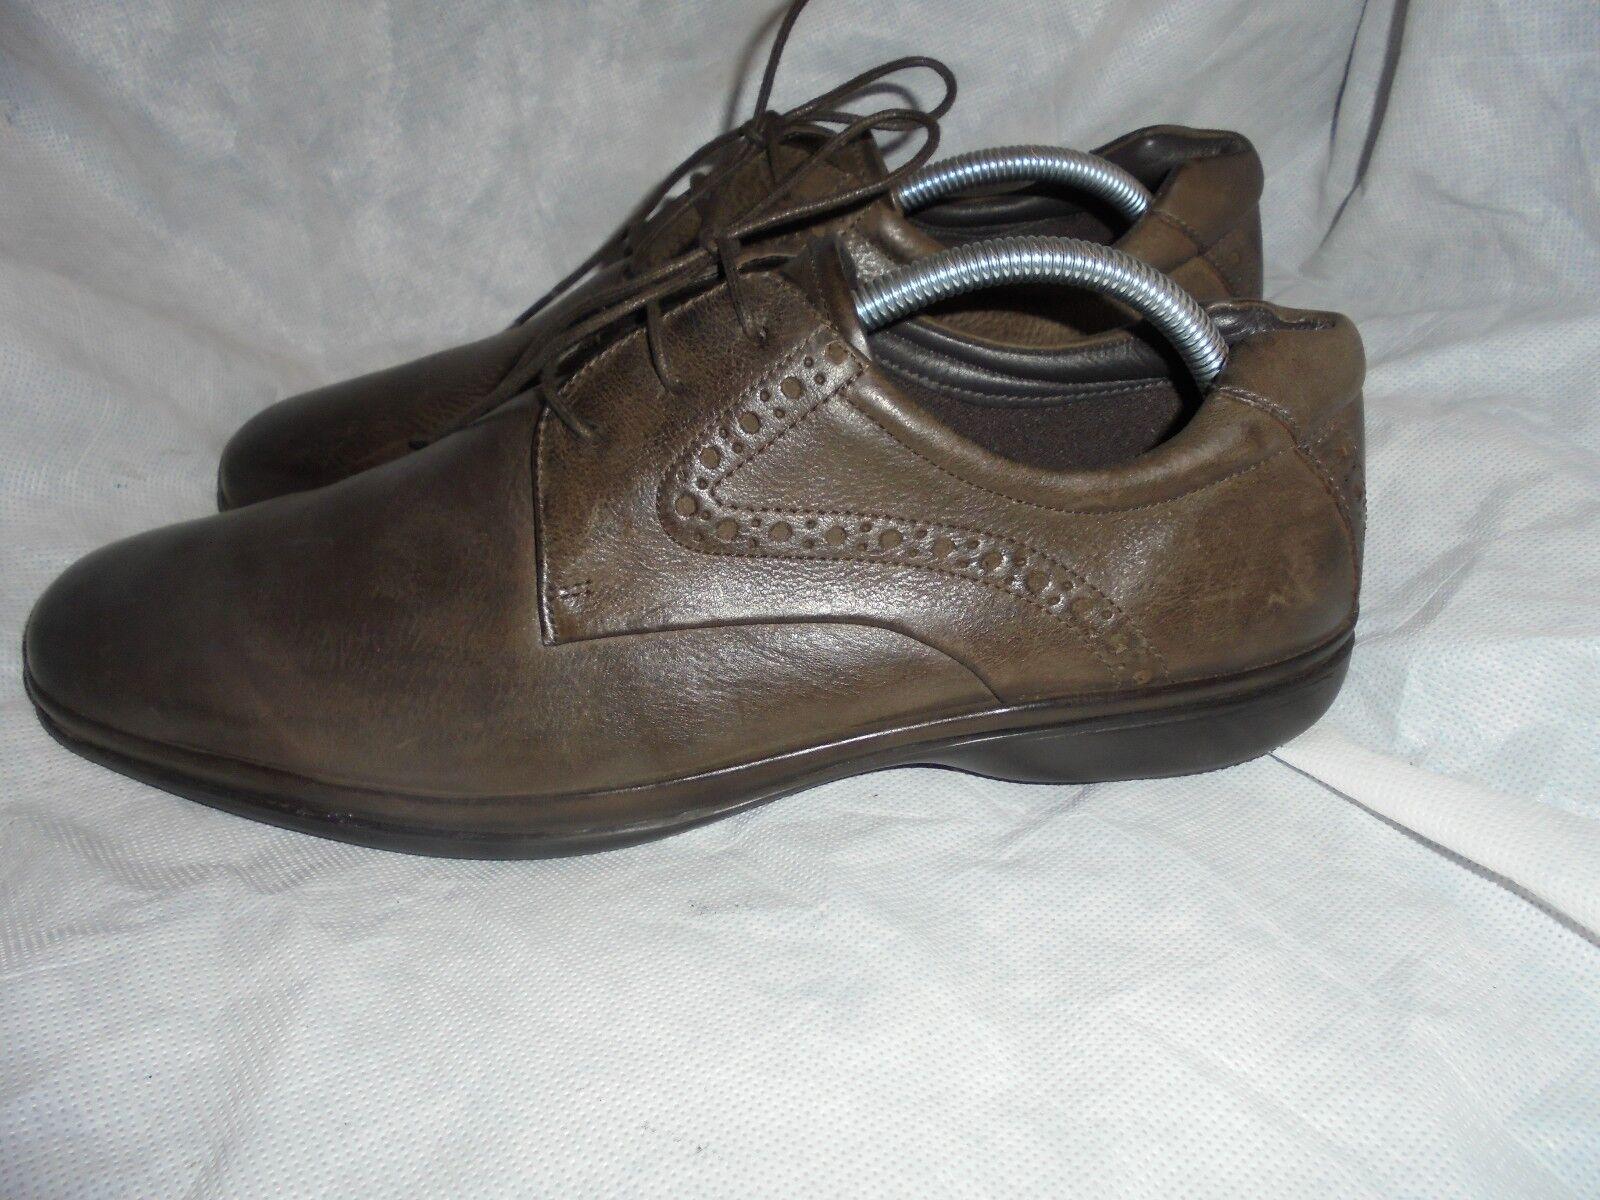 """4bf9be4d270 Masilla CLARKS Para Hombre De Cuero Marrón Zapatos Zapatos Zapatos De  Cordones Talla 44.5 10G UE. """""""